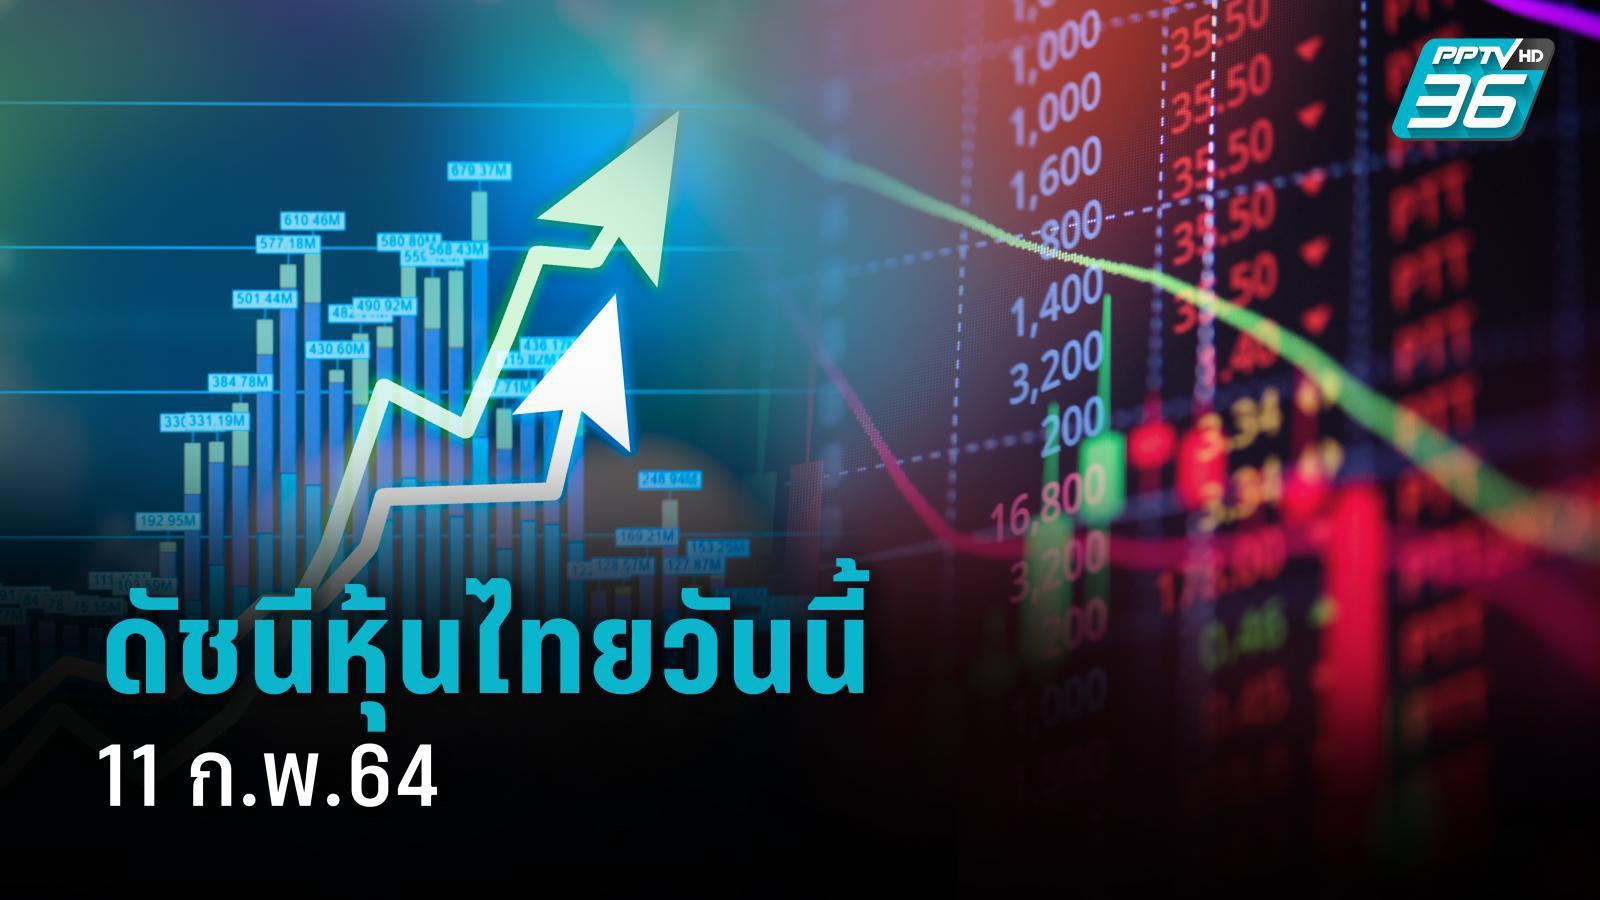 หุ้นไทย (11 ก.พ.64) ปิดซื้อขายที่ระดับ 1,508.35 จุด ลดลง -8.59จุด